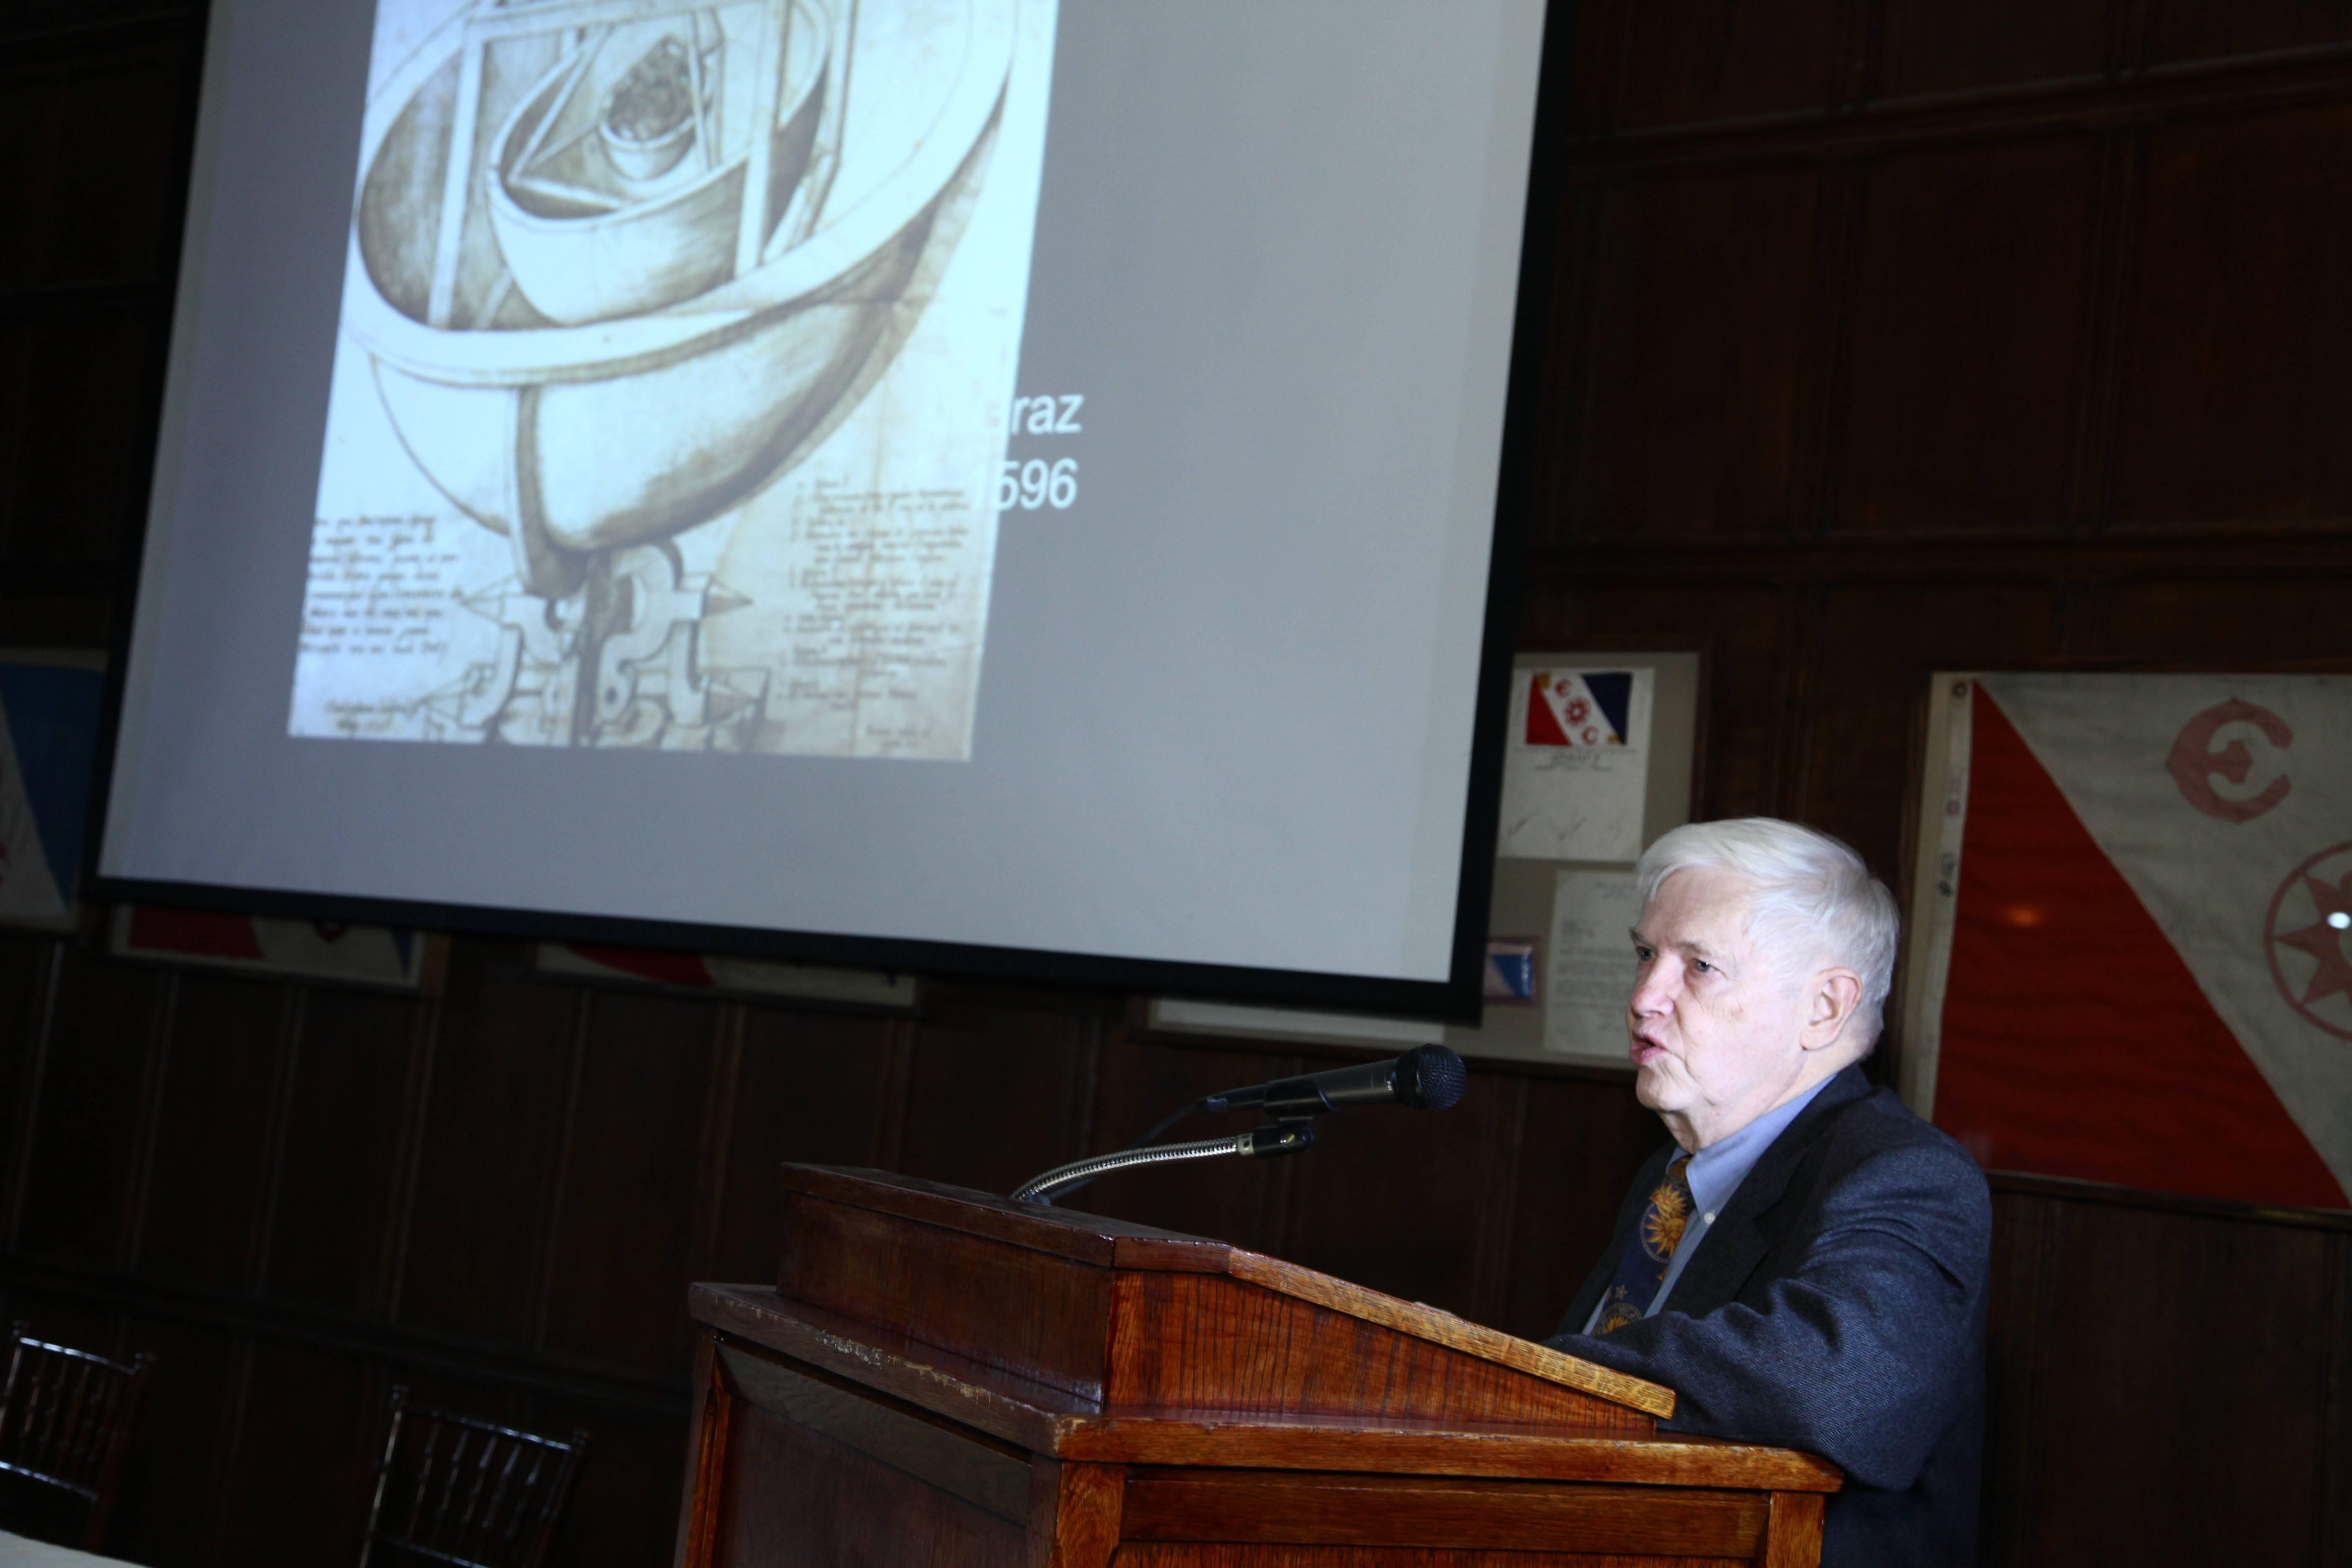 Dr. Owen Gingerich